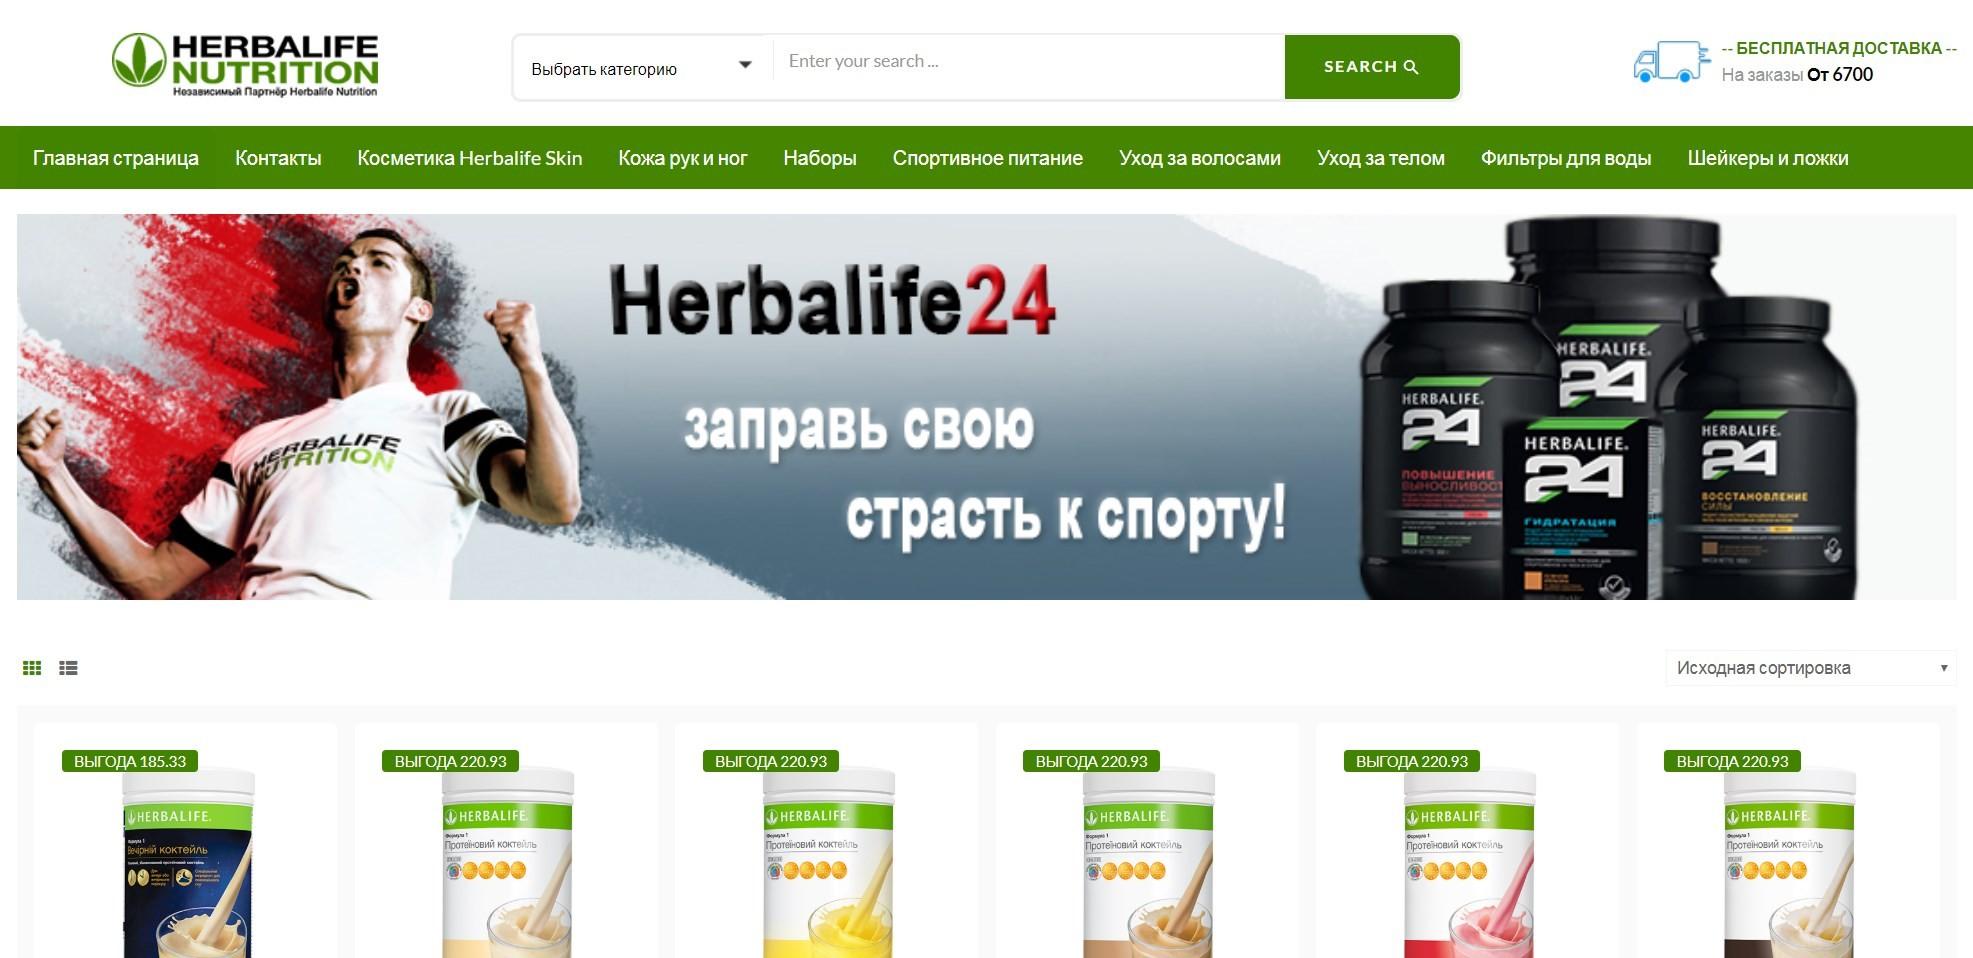 Гербалайф НП в Украине